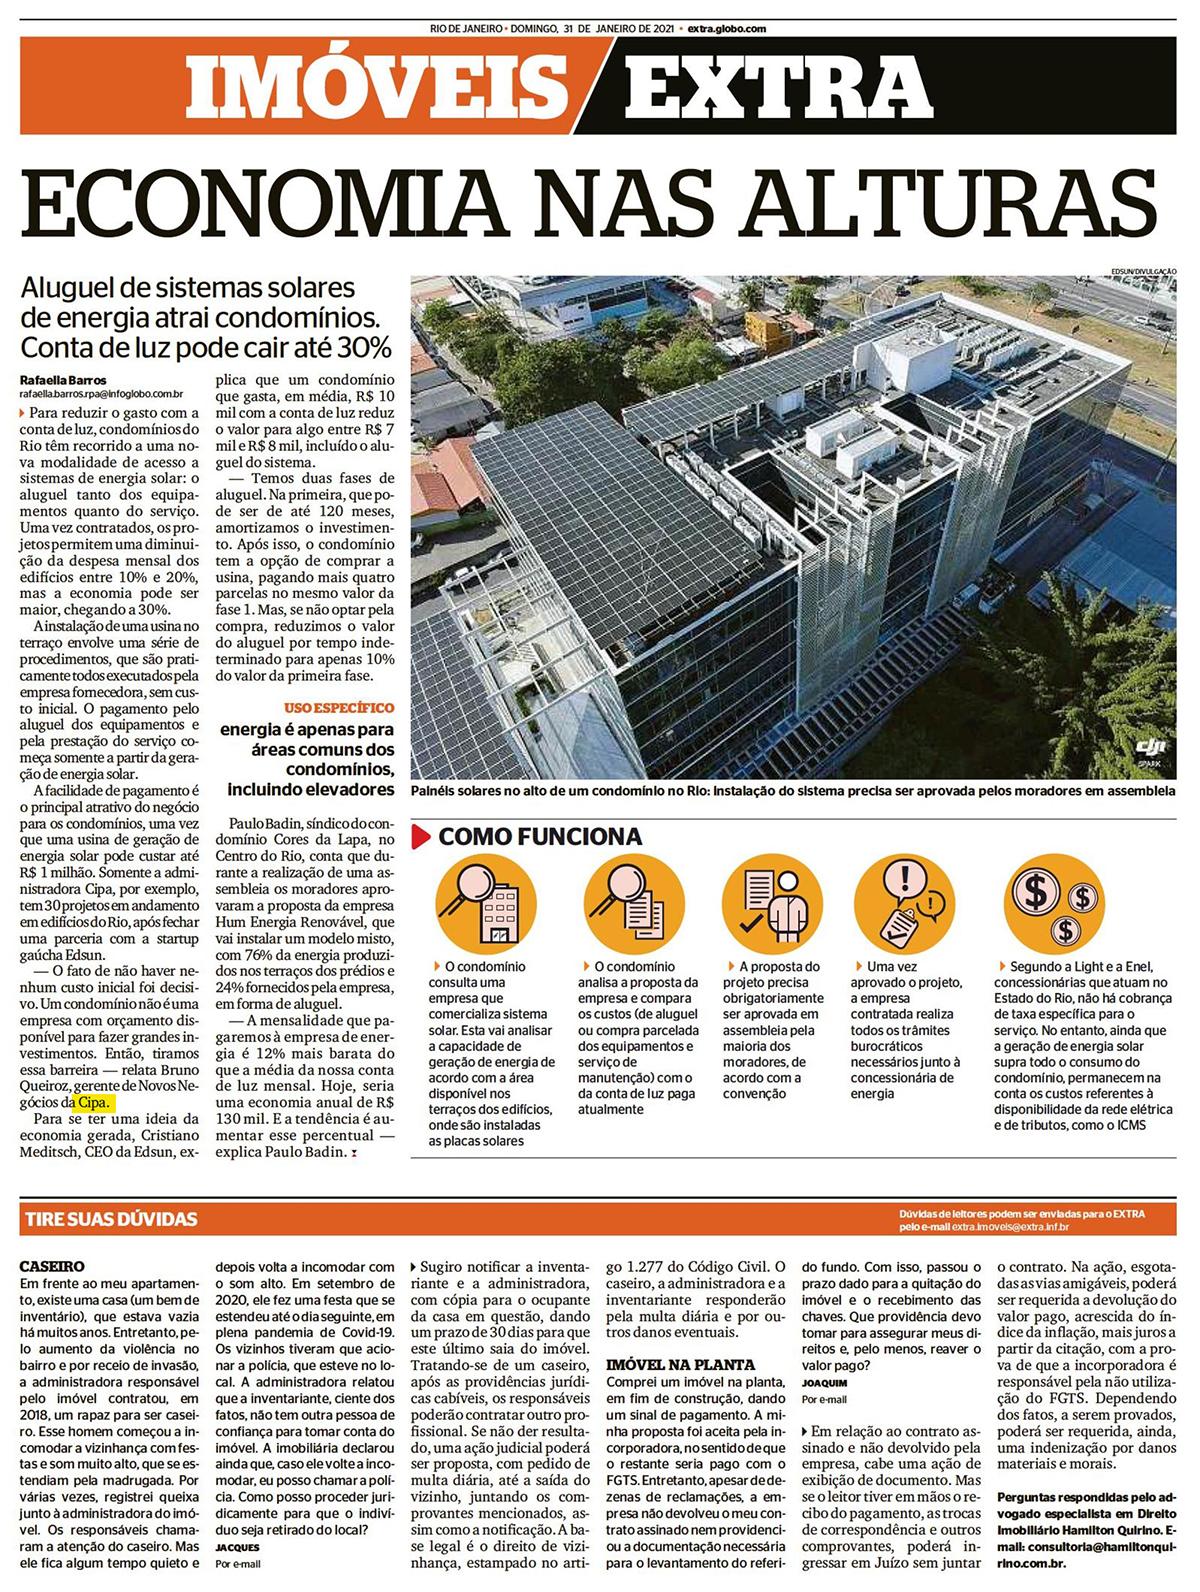 Extra: Economia nas alturas